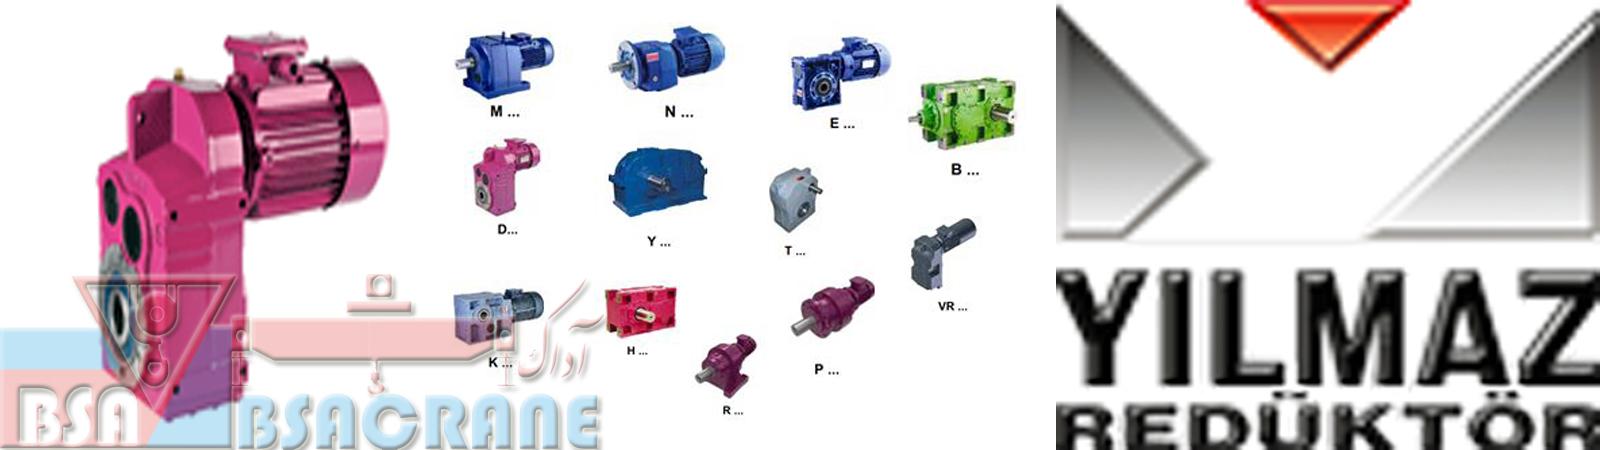 انواع موتور گیر بكس ایلماز تركیه